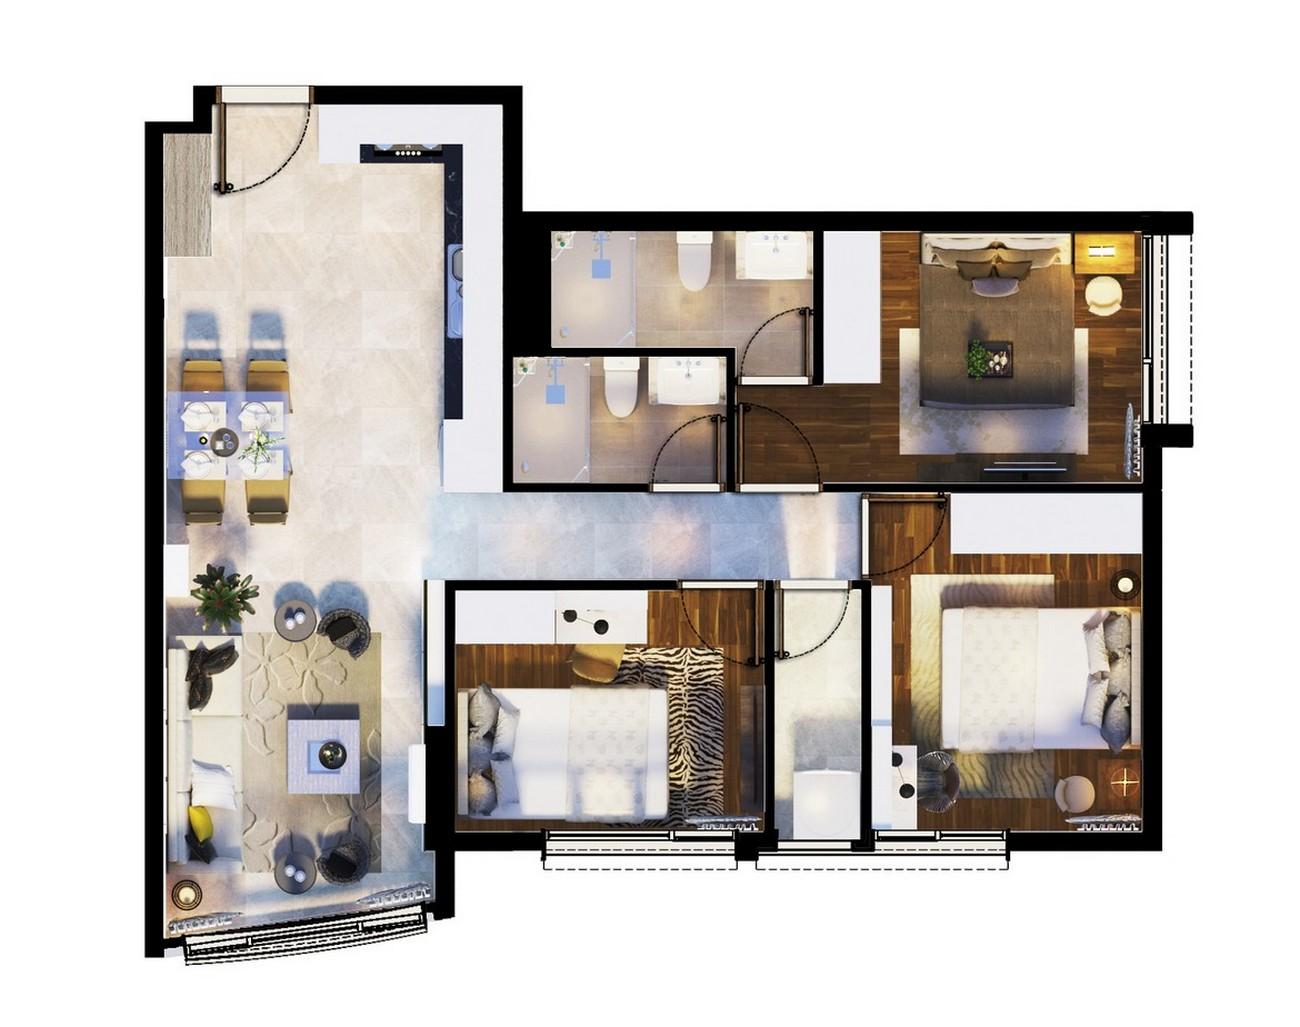 Thiết kế dự án căn hộ chung cư Summer Square Quận 6 Đường Tân Hòa Đông chủ đầu tư Gotec Land